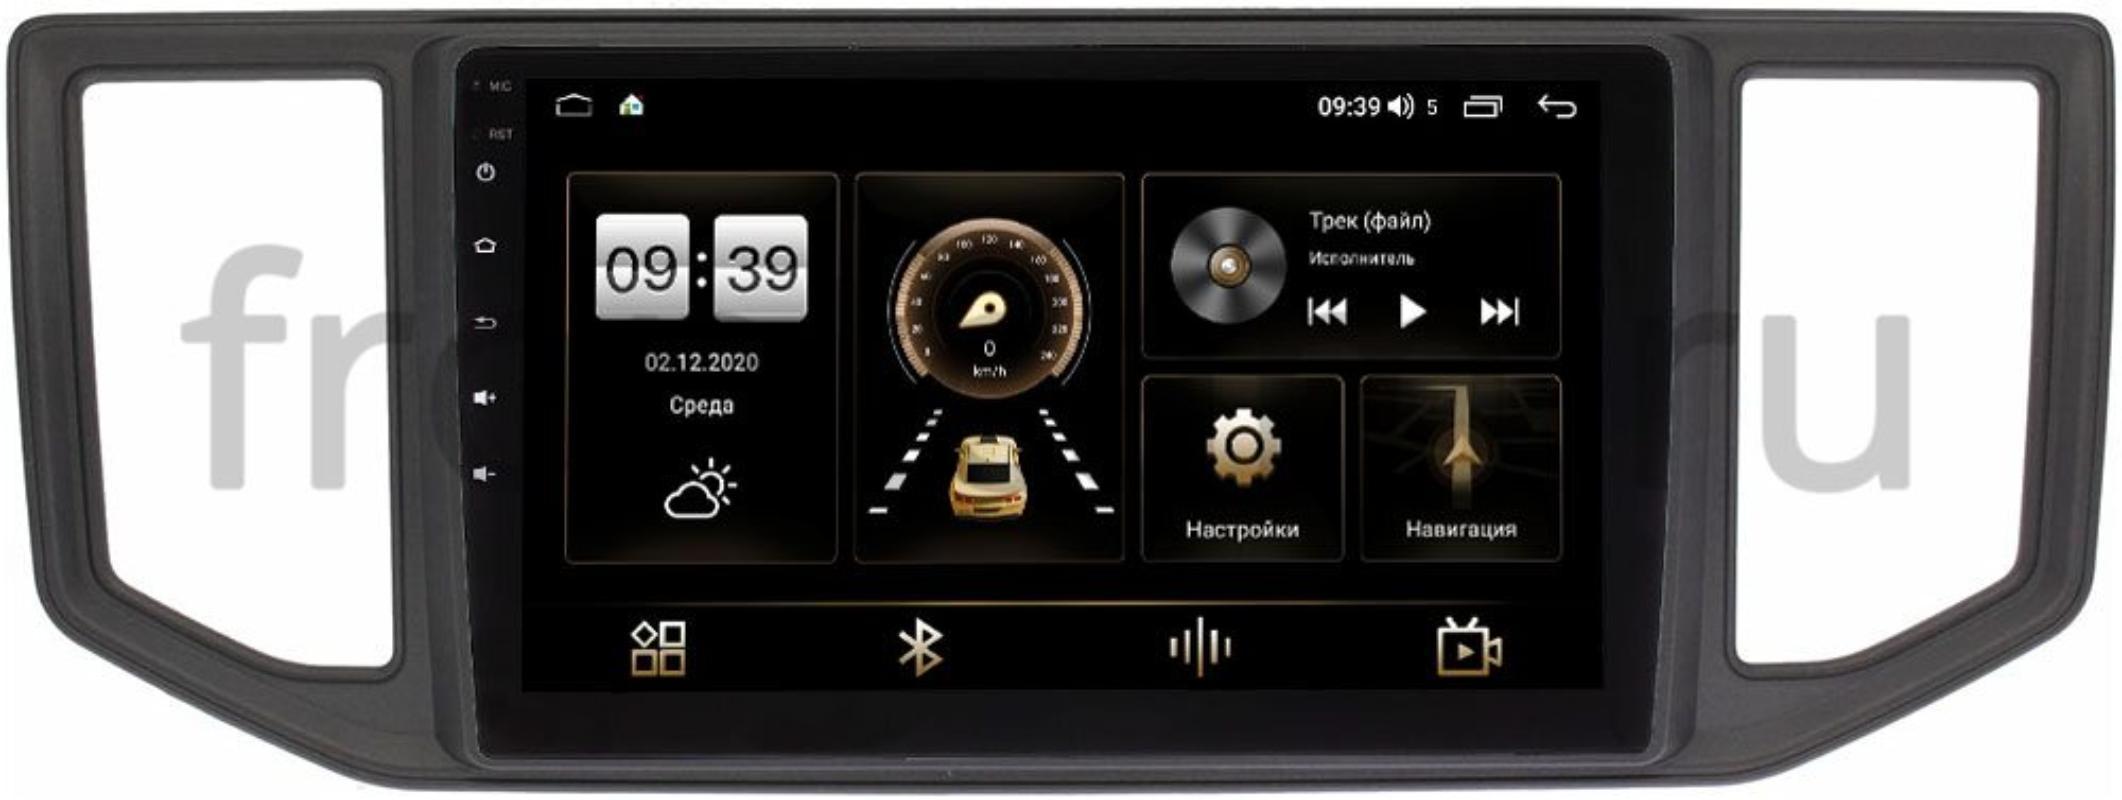 Штатная магнитола LeTrun 4195-10-785 для Volkswagen Crafter 2016-2021 на Android 10 (6/128, DSP, QLed) С оптическим выходом (+ Камера заднего вида в подарок!)